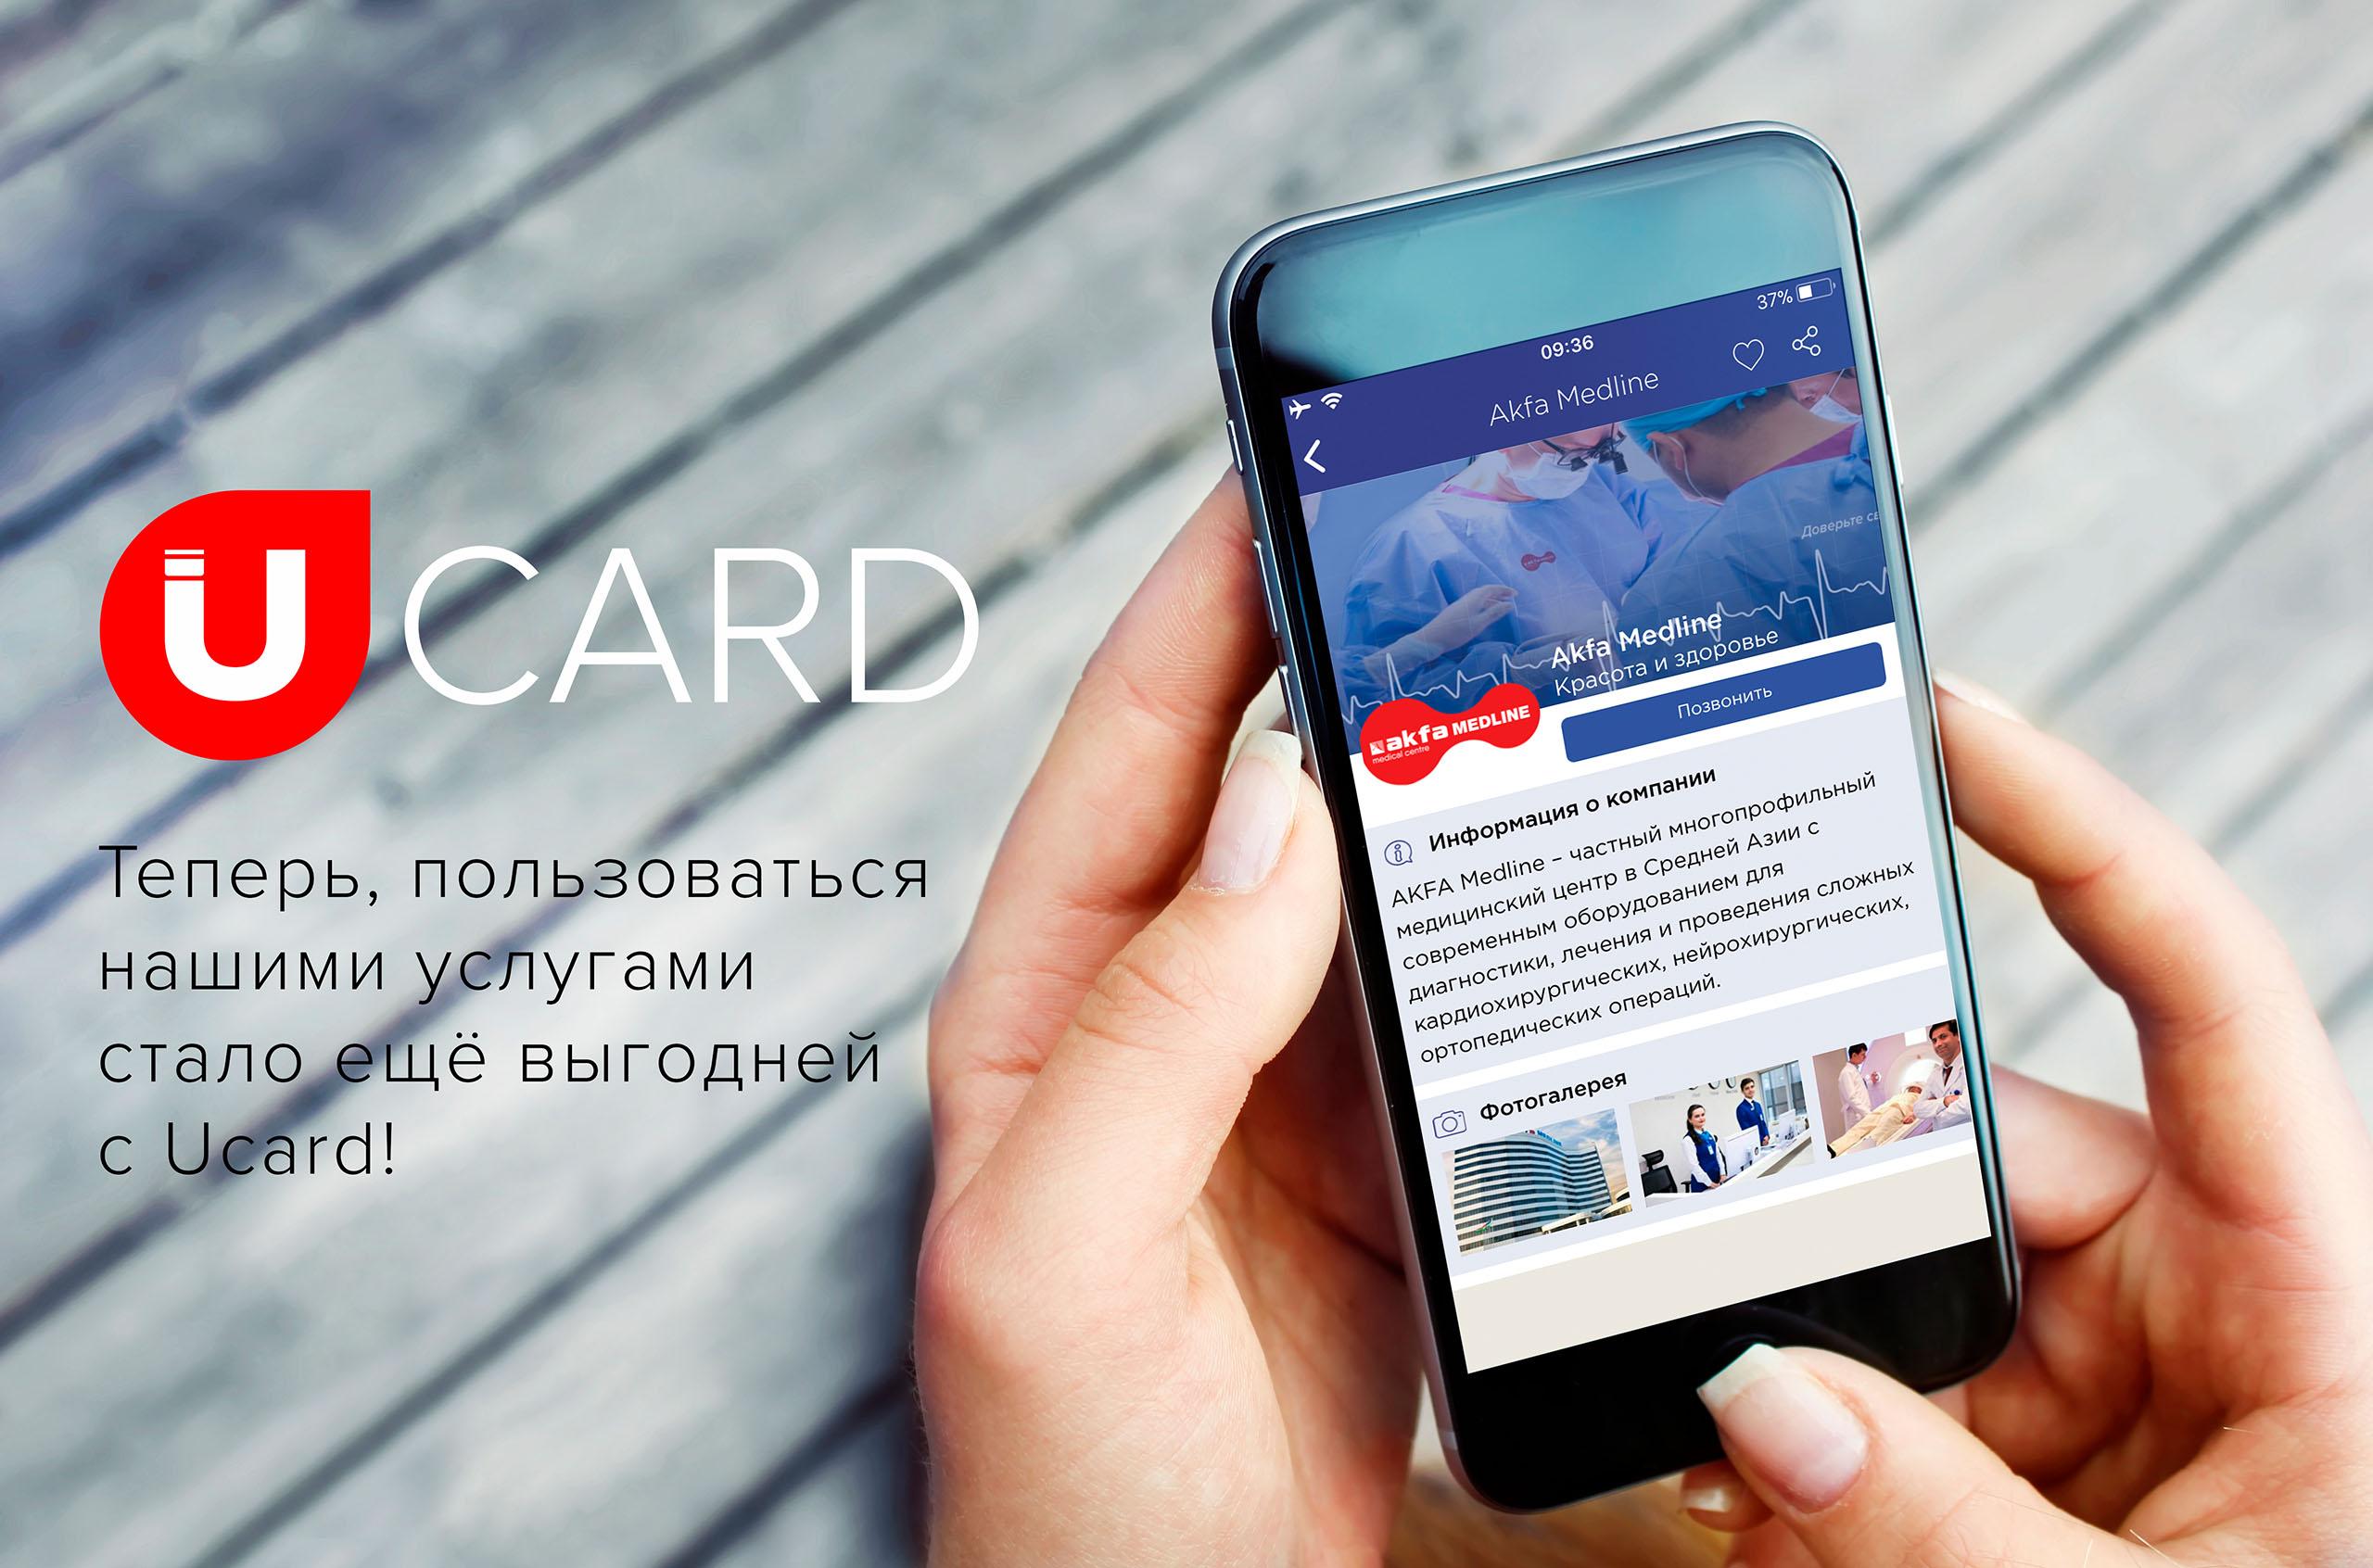 AKFA Medline becomes partner of Ucard system